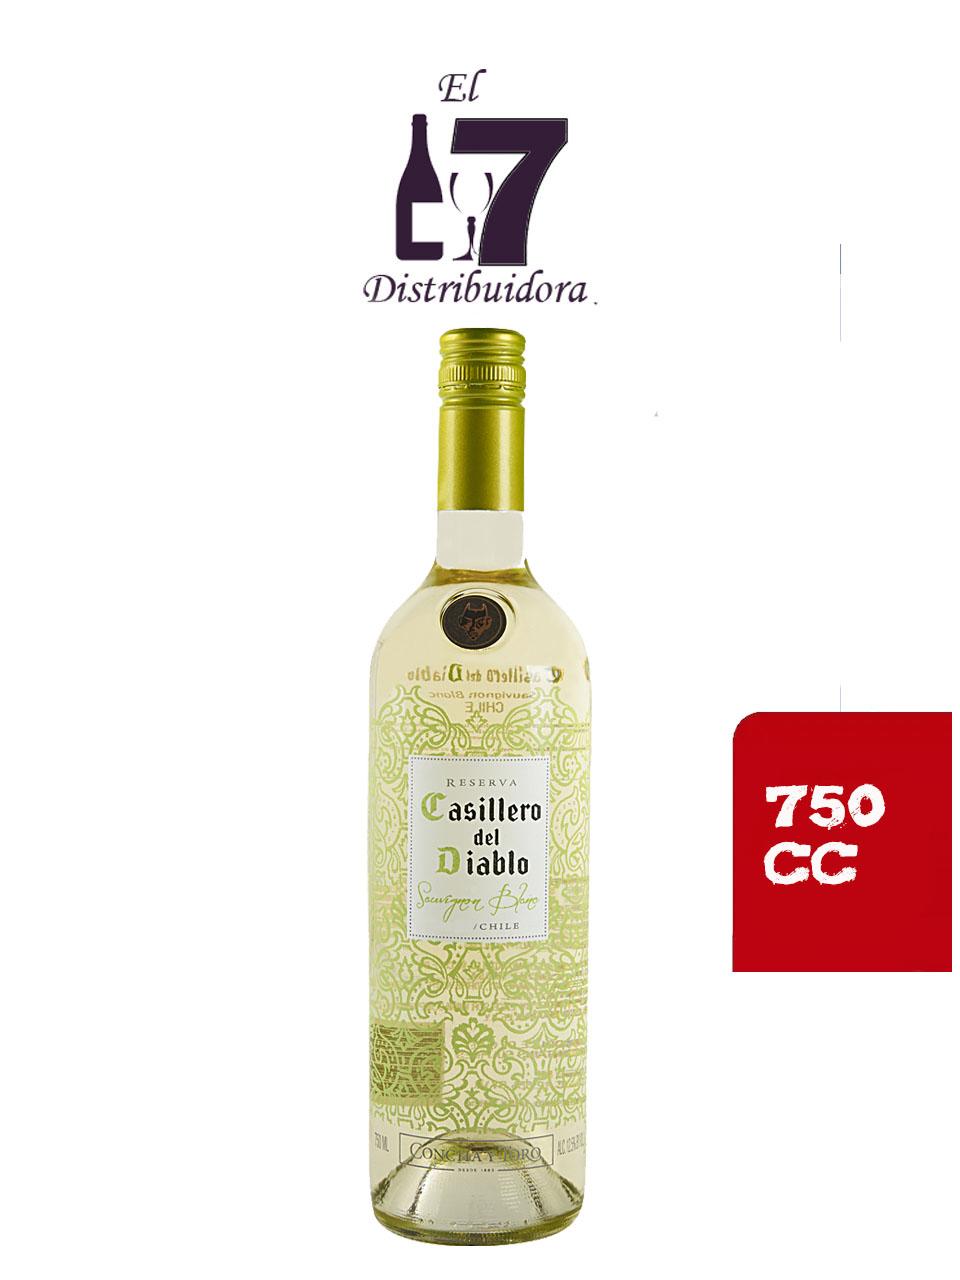 Casillero Del Diablo sauvignon Blanc 750 CC